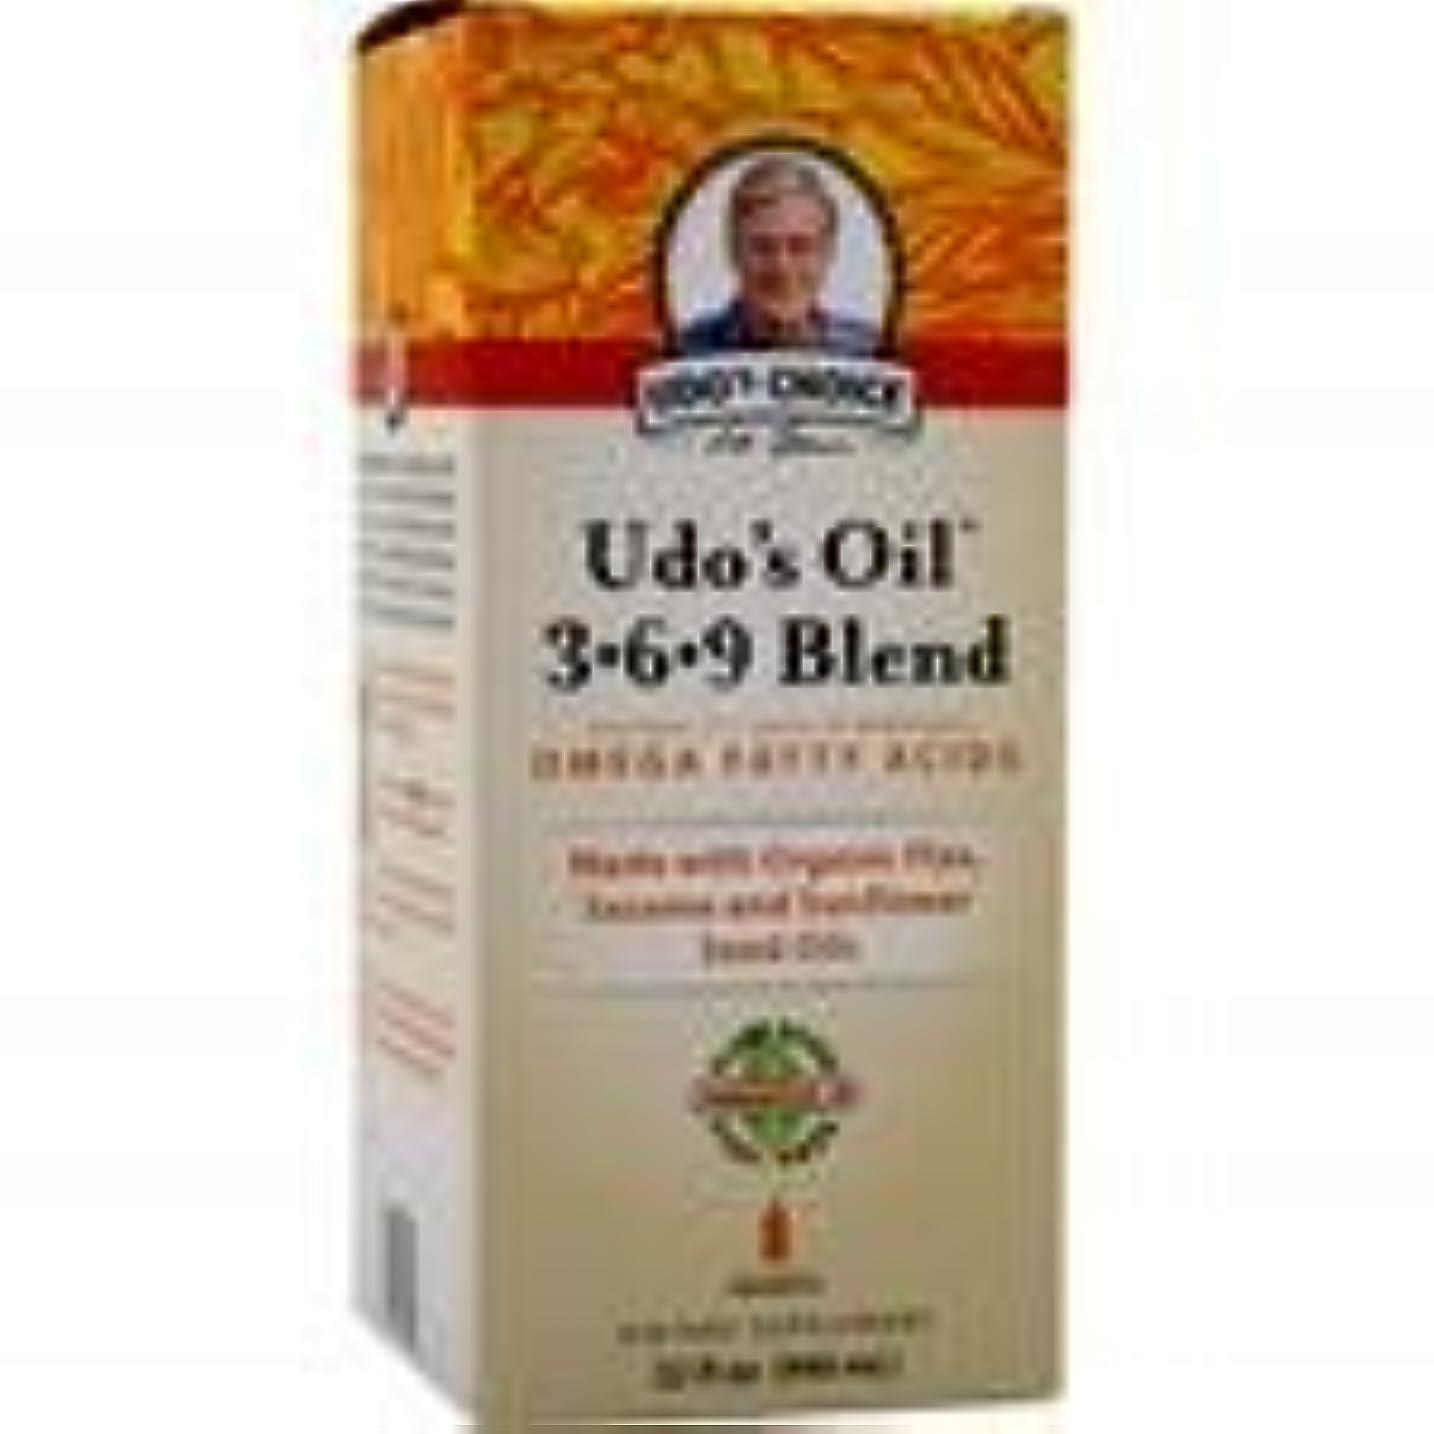 不安ガイド探偵Udo's Oil 3-6-9 Blend Liquid 32 fl.oz 4個パック